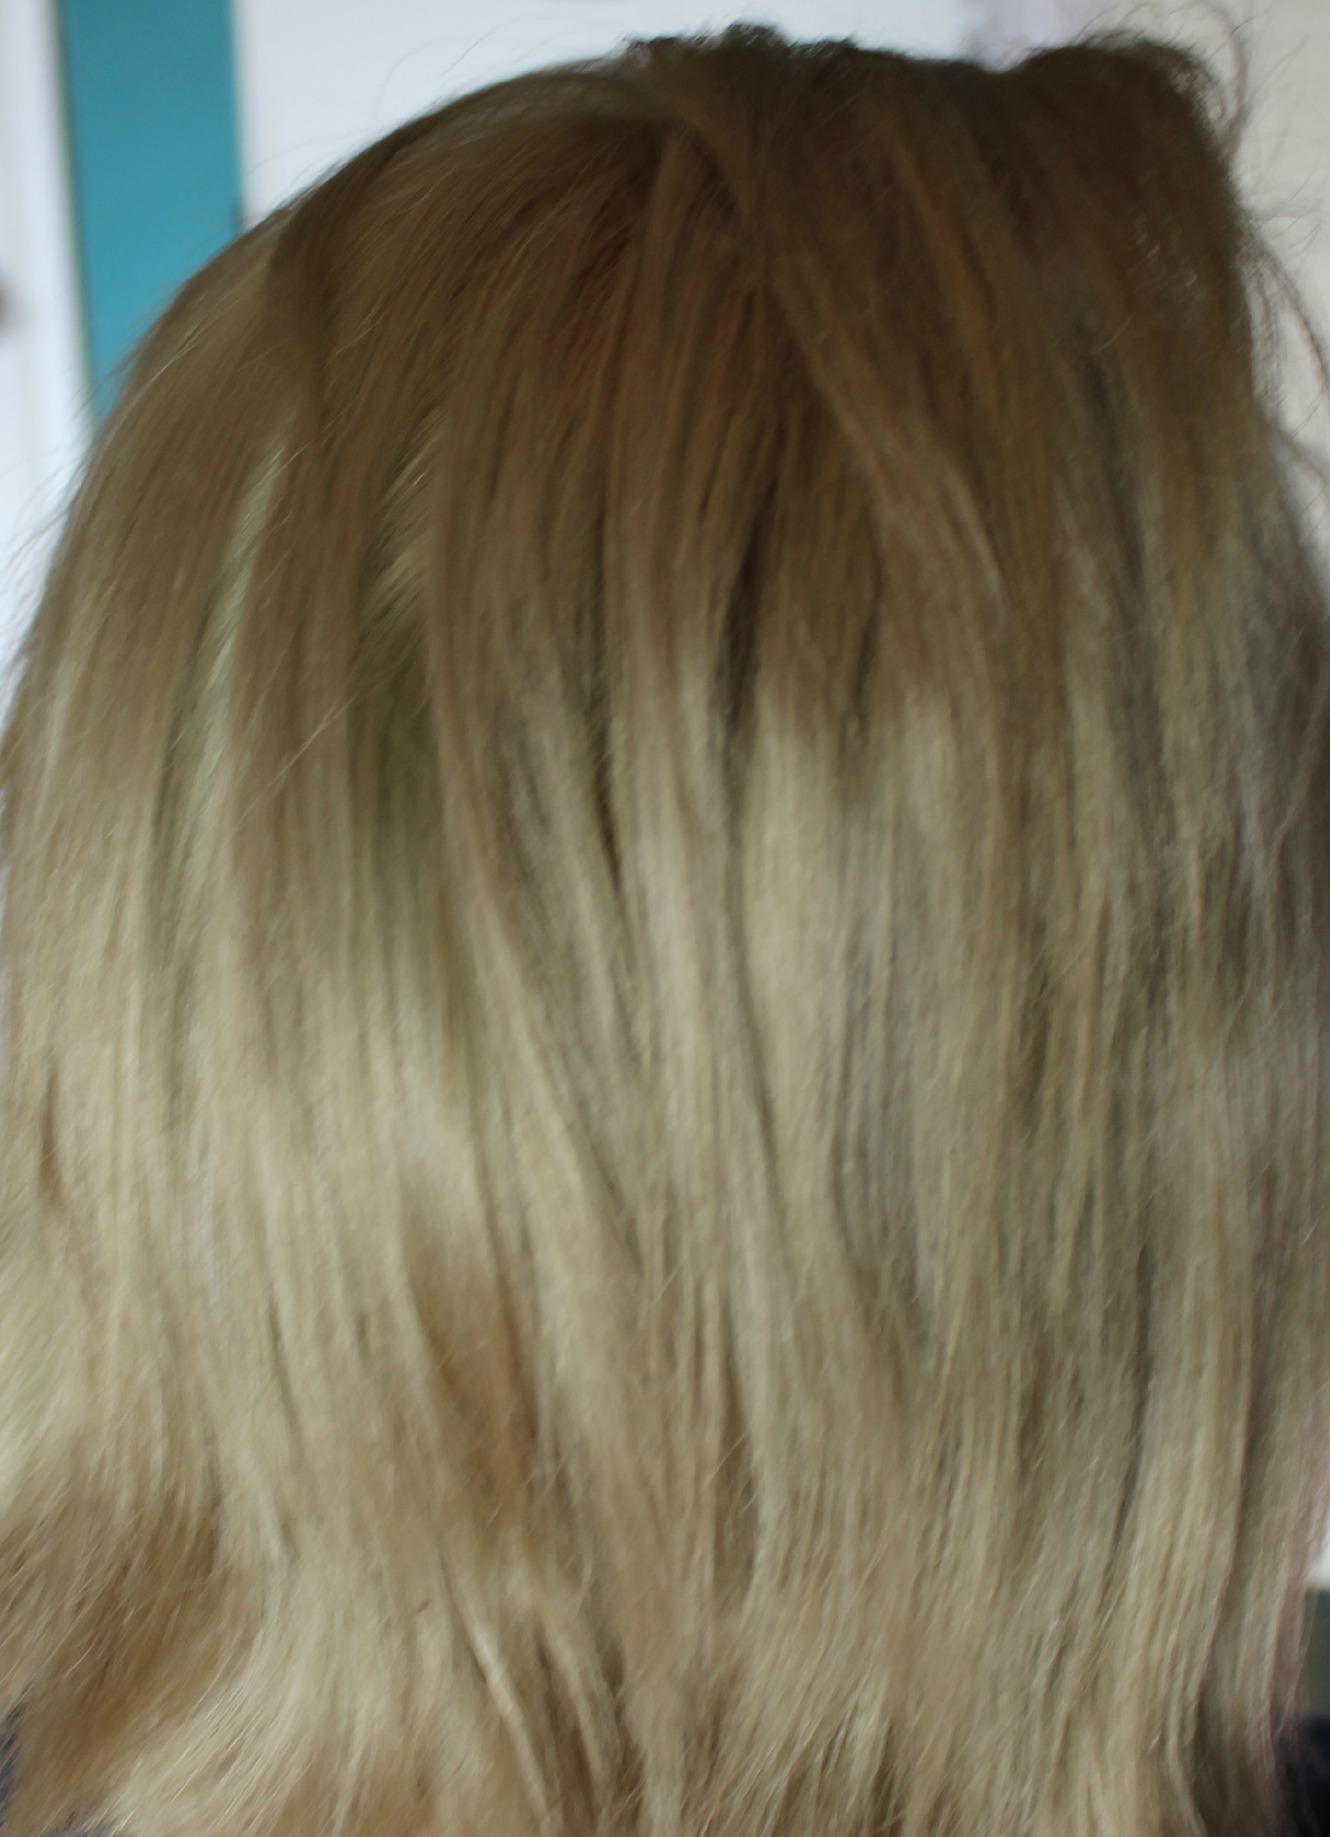 Grünes Haar Problem! Benötige dringend Hilfe! (Haare